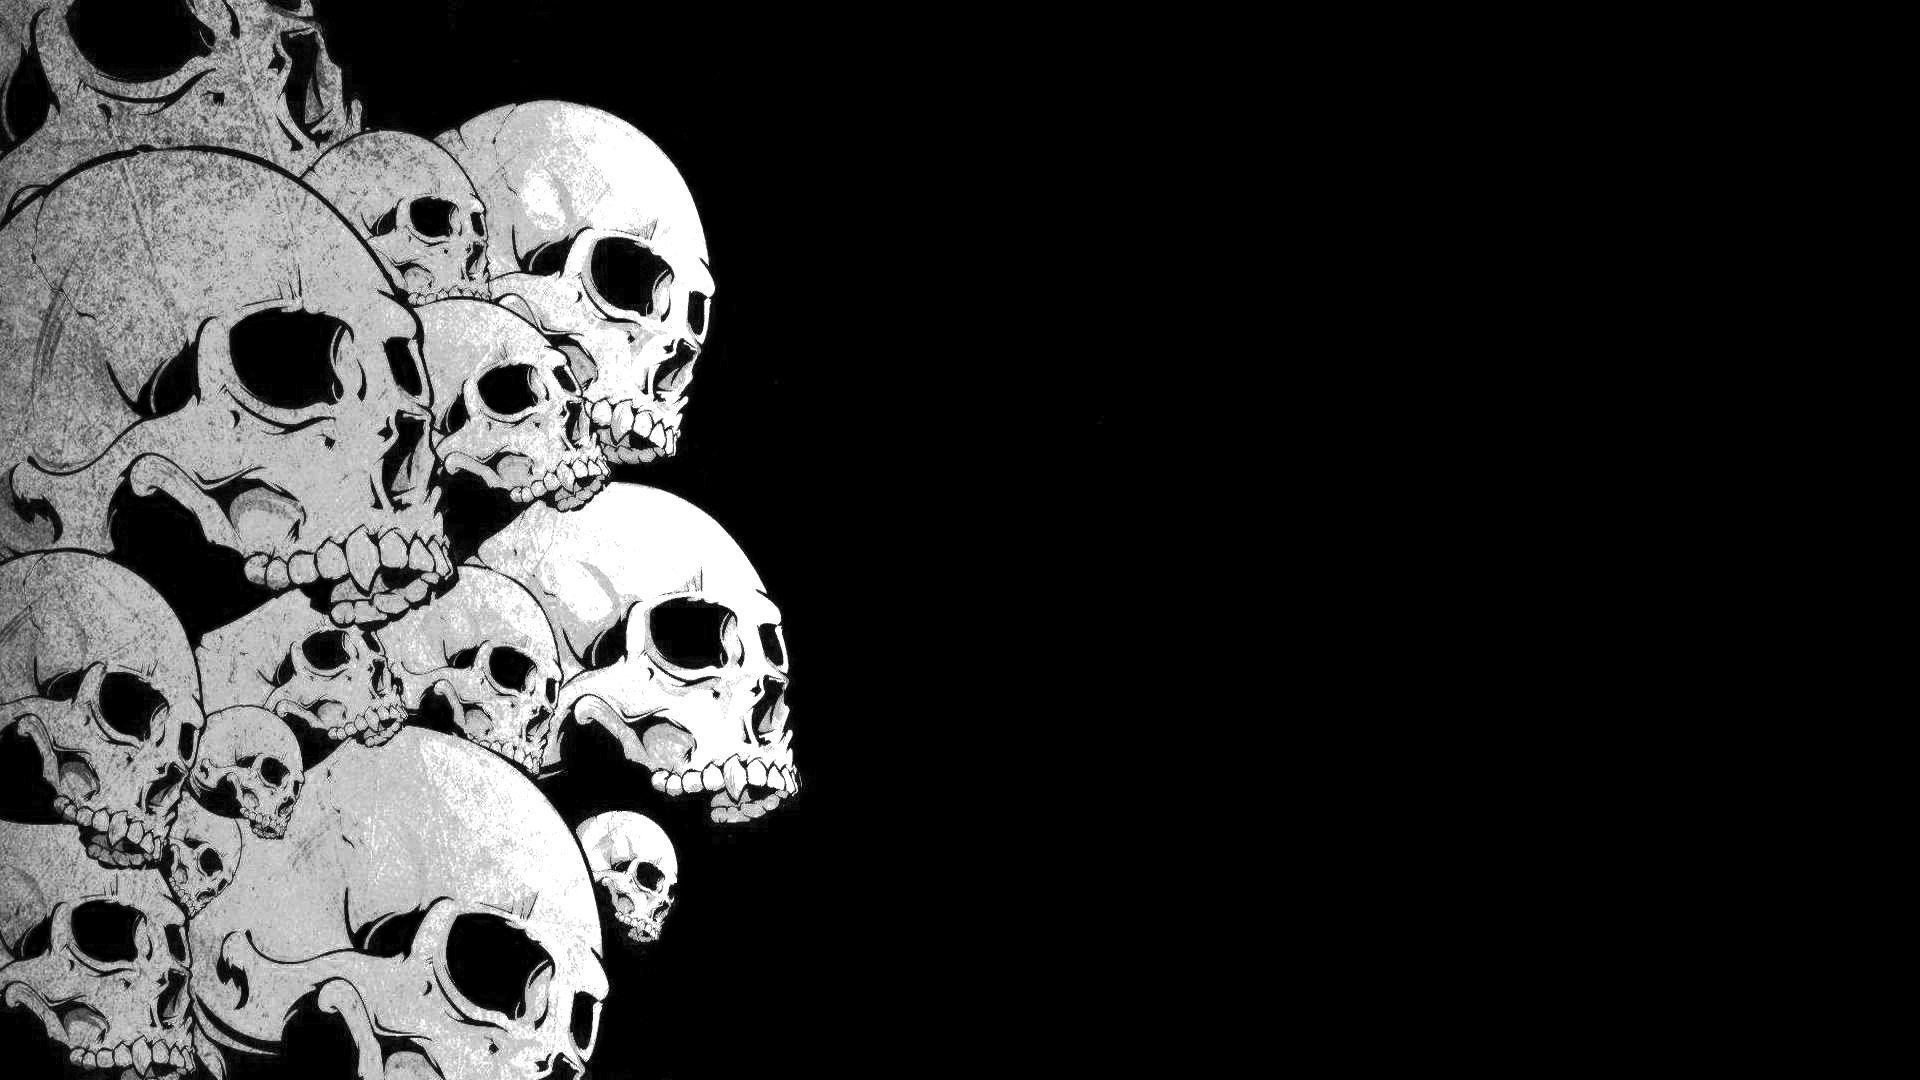 skull wallpapers wallpaper | hd wallpapers | pinterest | skull